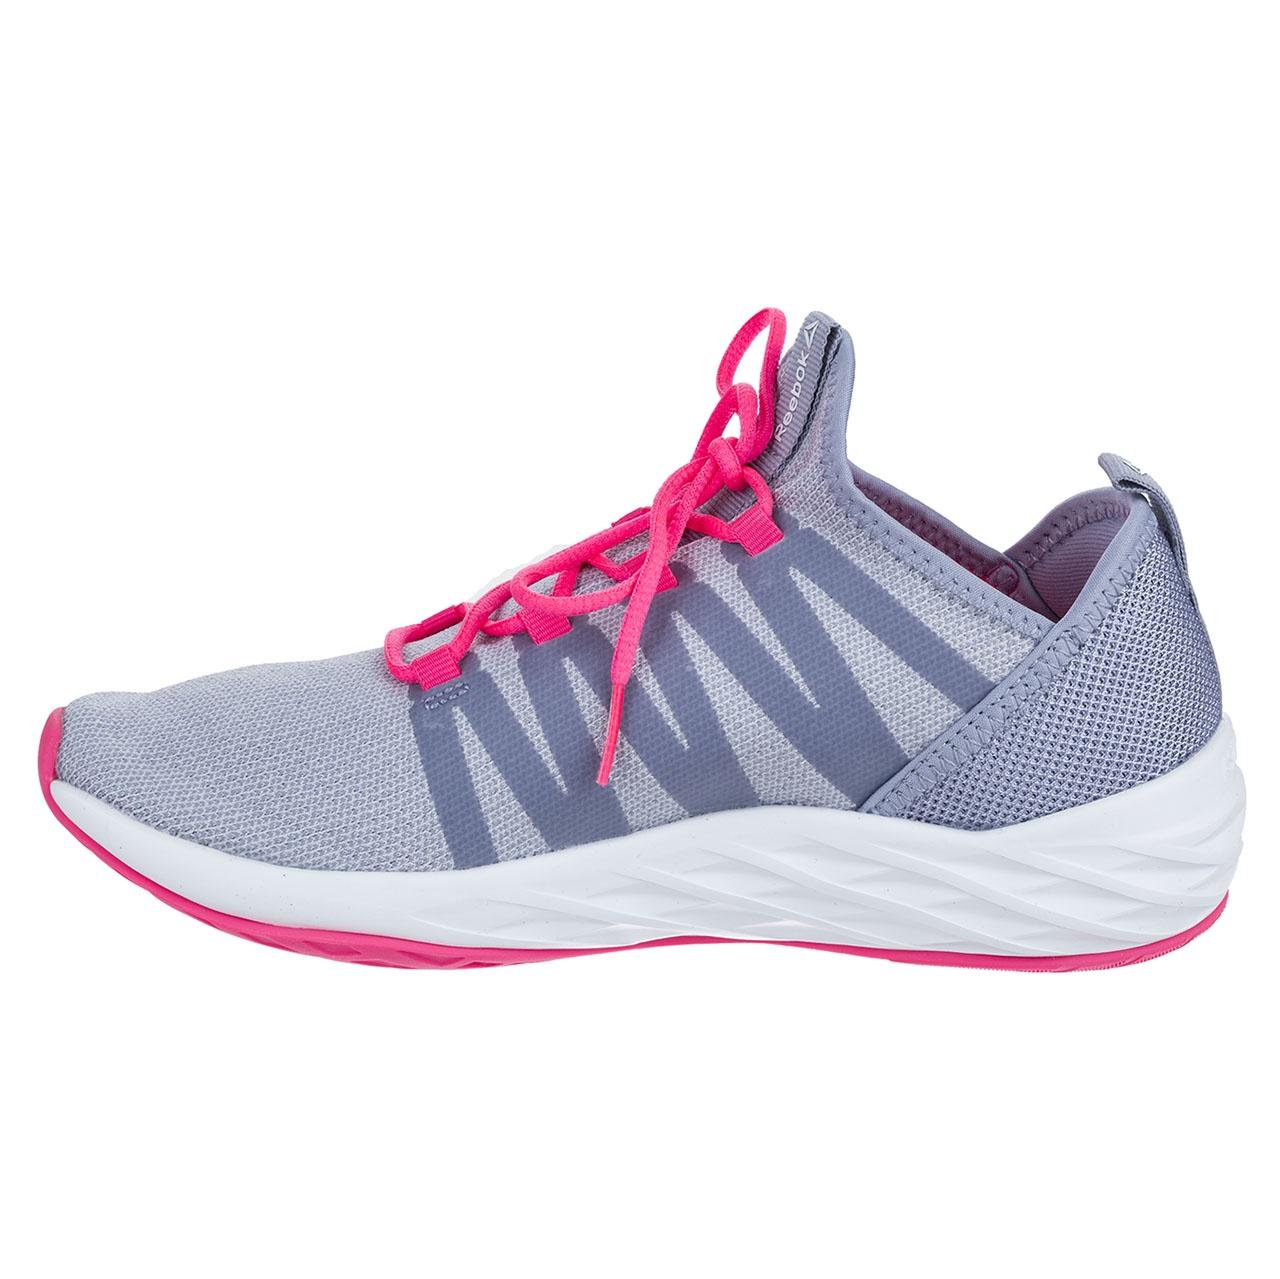 کفش مخصوص دویدن زنانه ریباک مدل ASTRORIDE FUTURE